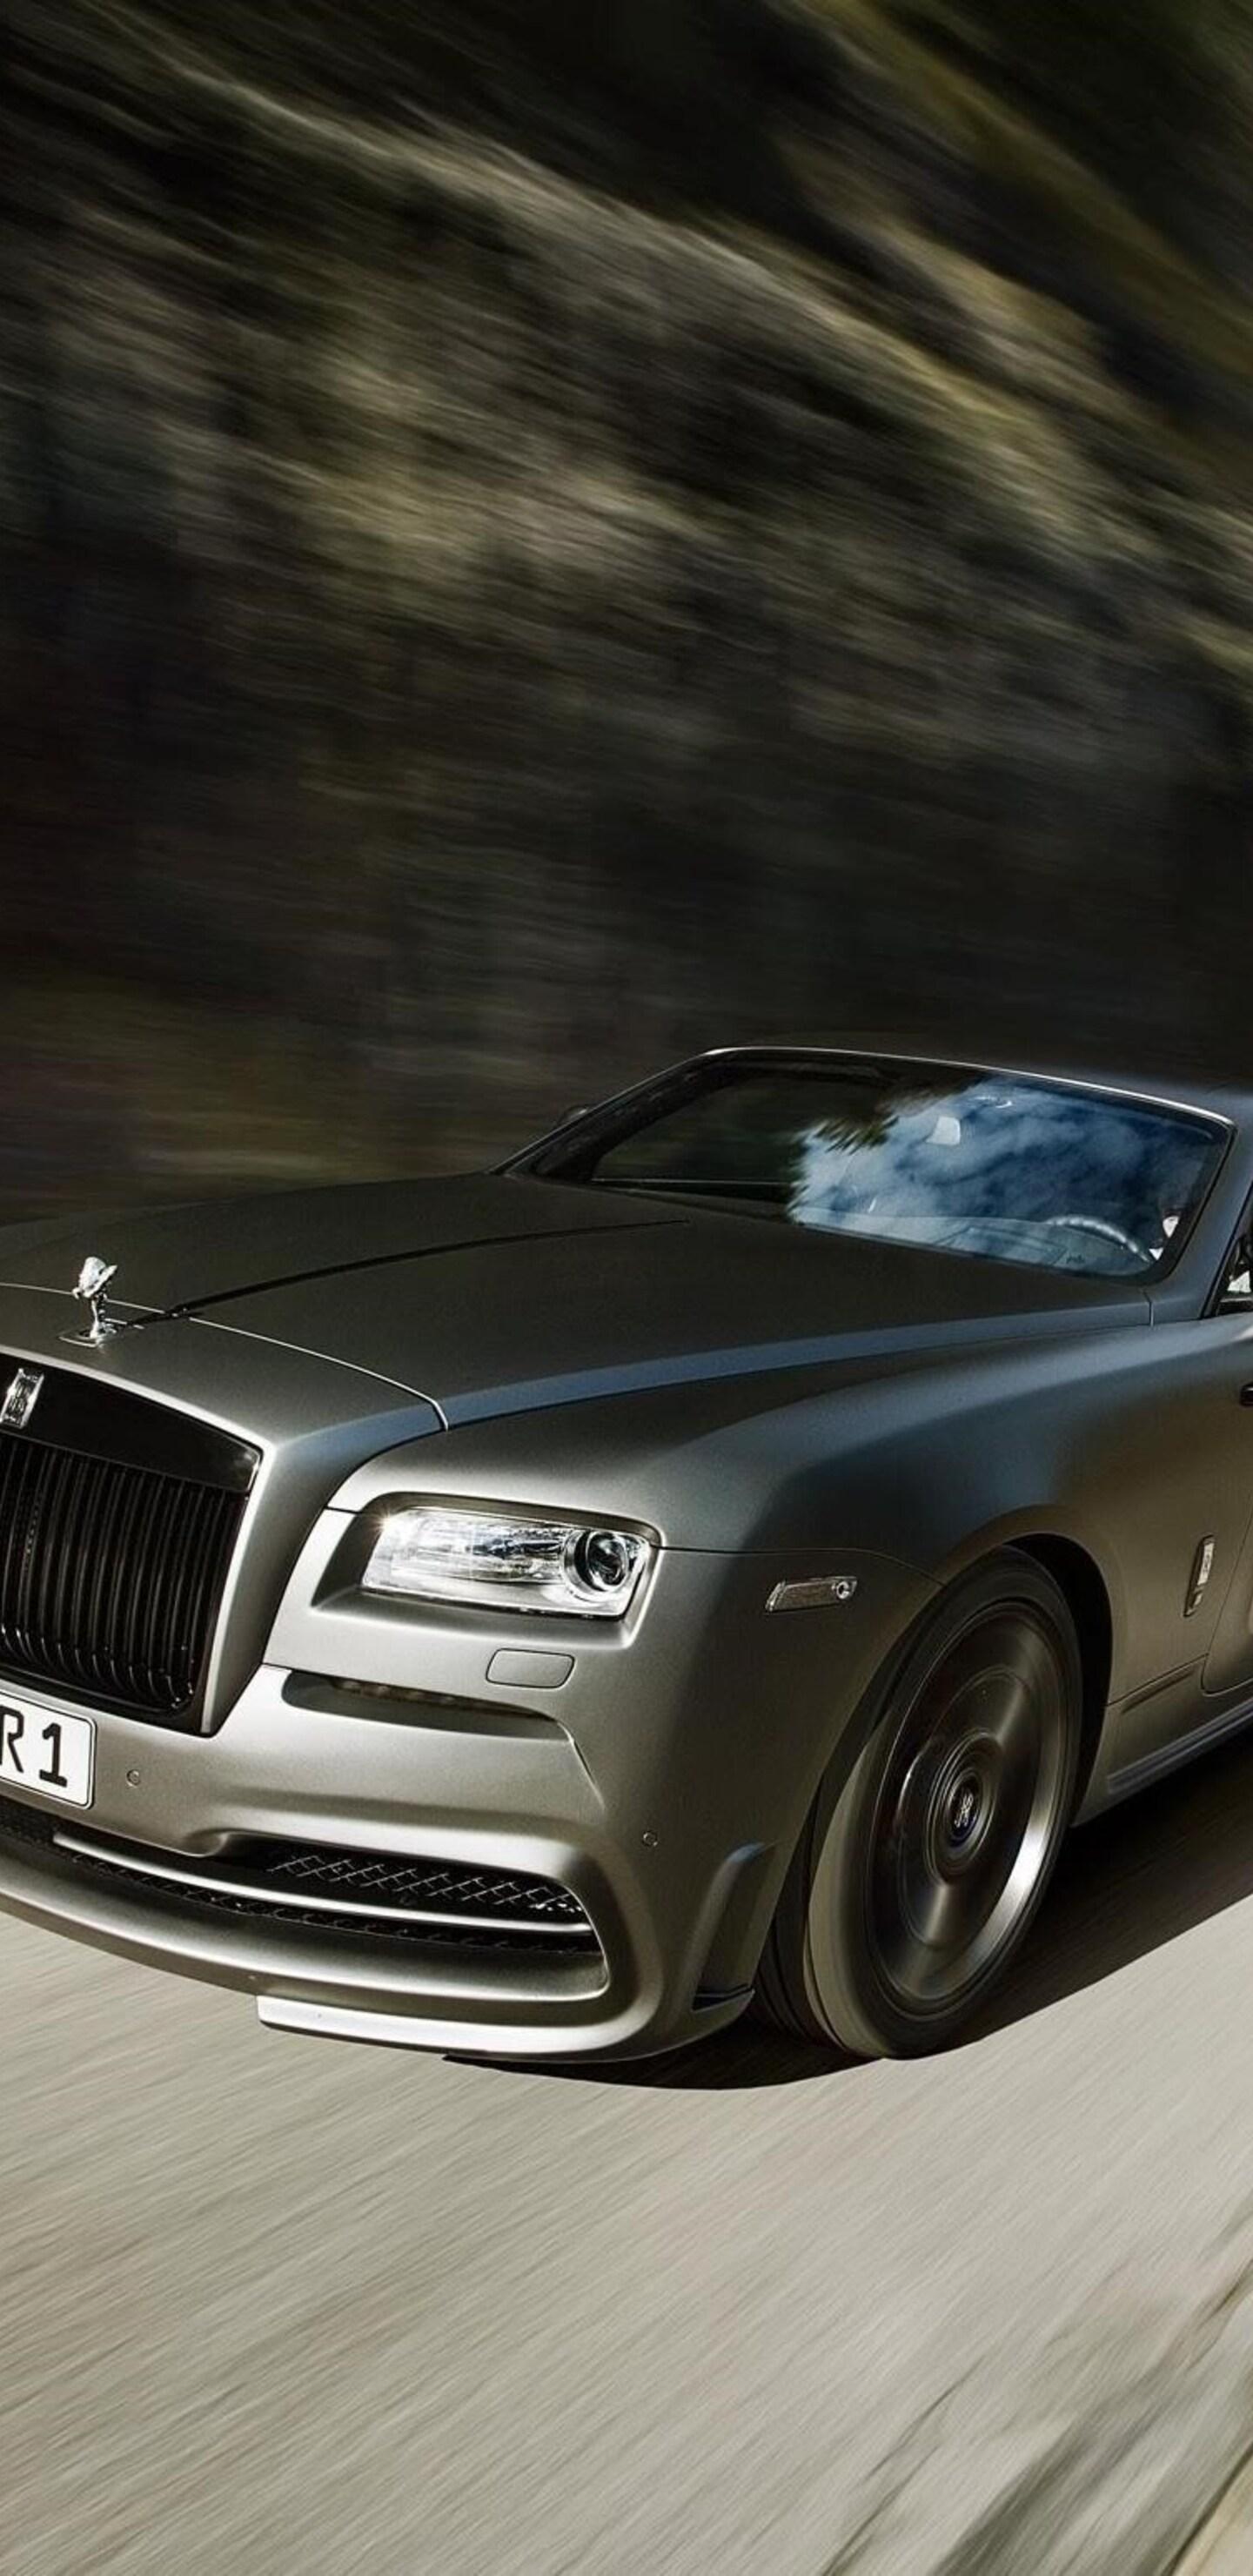 1440x2960 Rolls Royce Wraith Spofec Samsung Galaxy Note 9,8